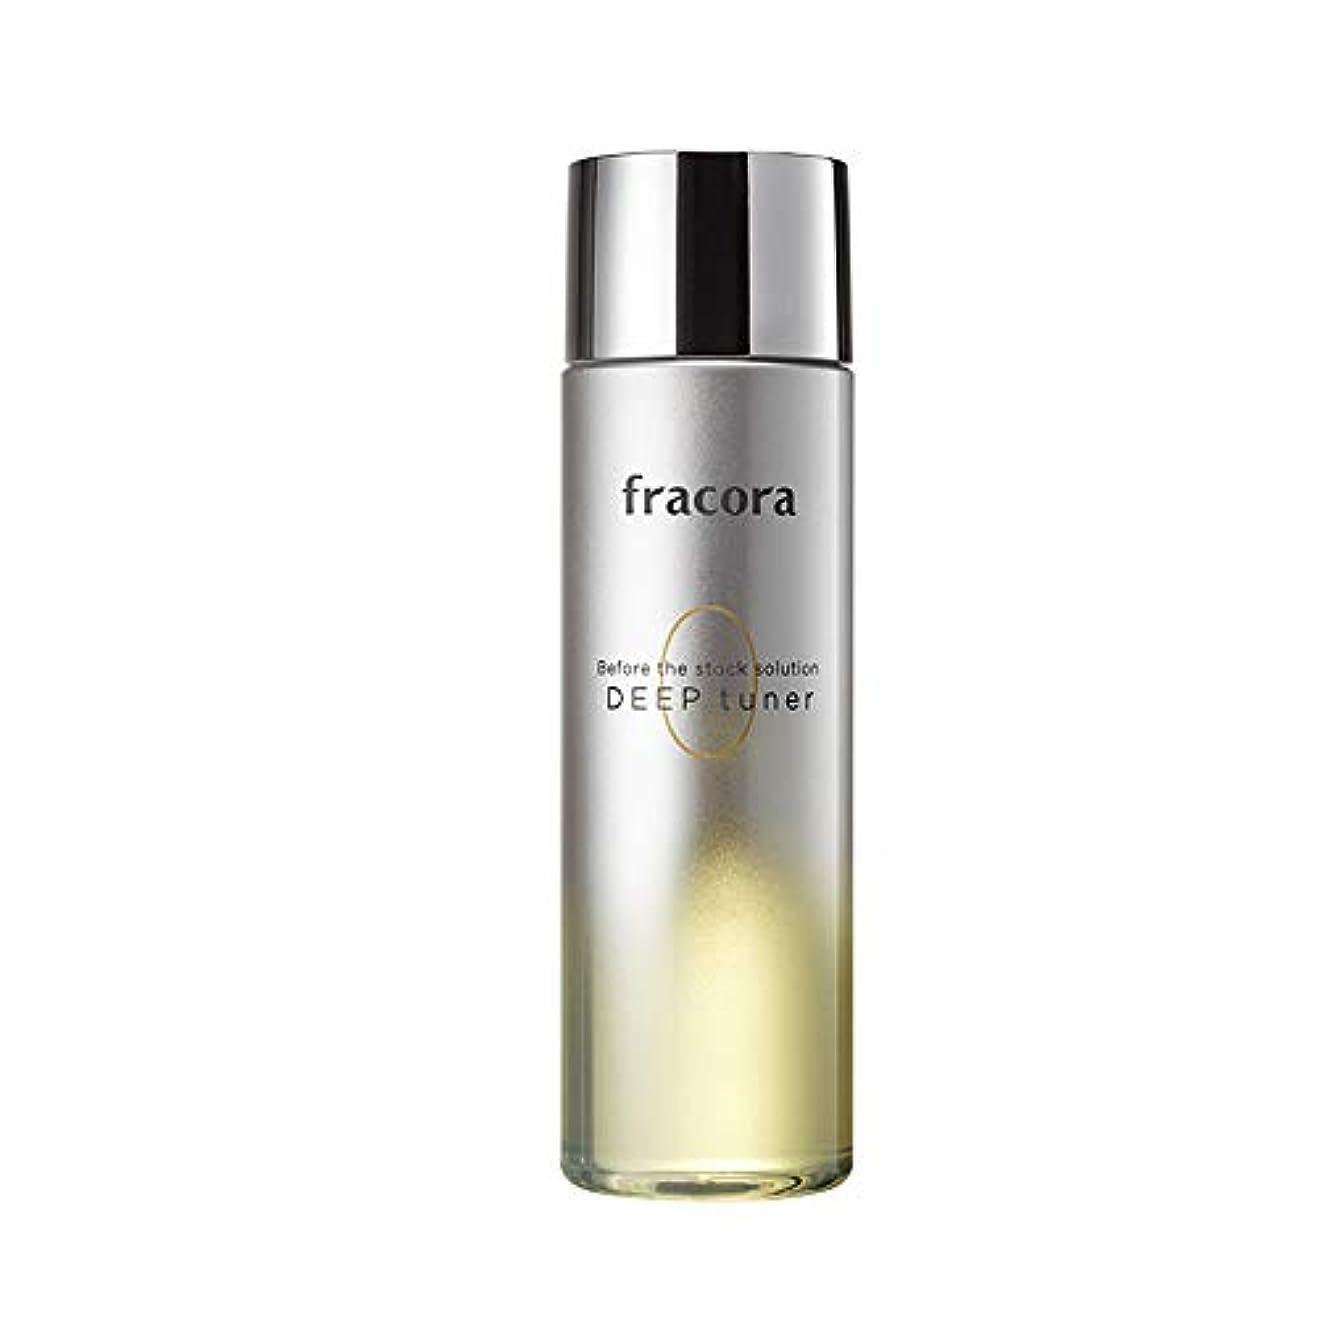 ぶどう拒否知的fracora(フラコラ) 保湿液 ディープ チューナー 120mL